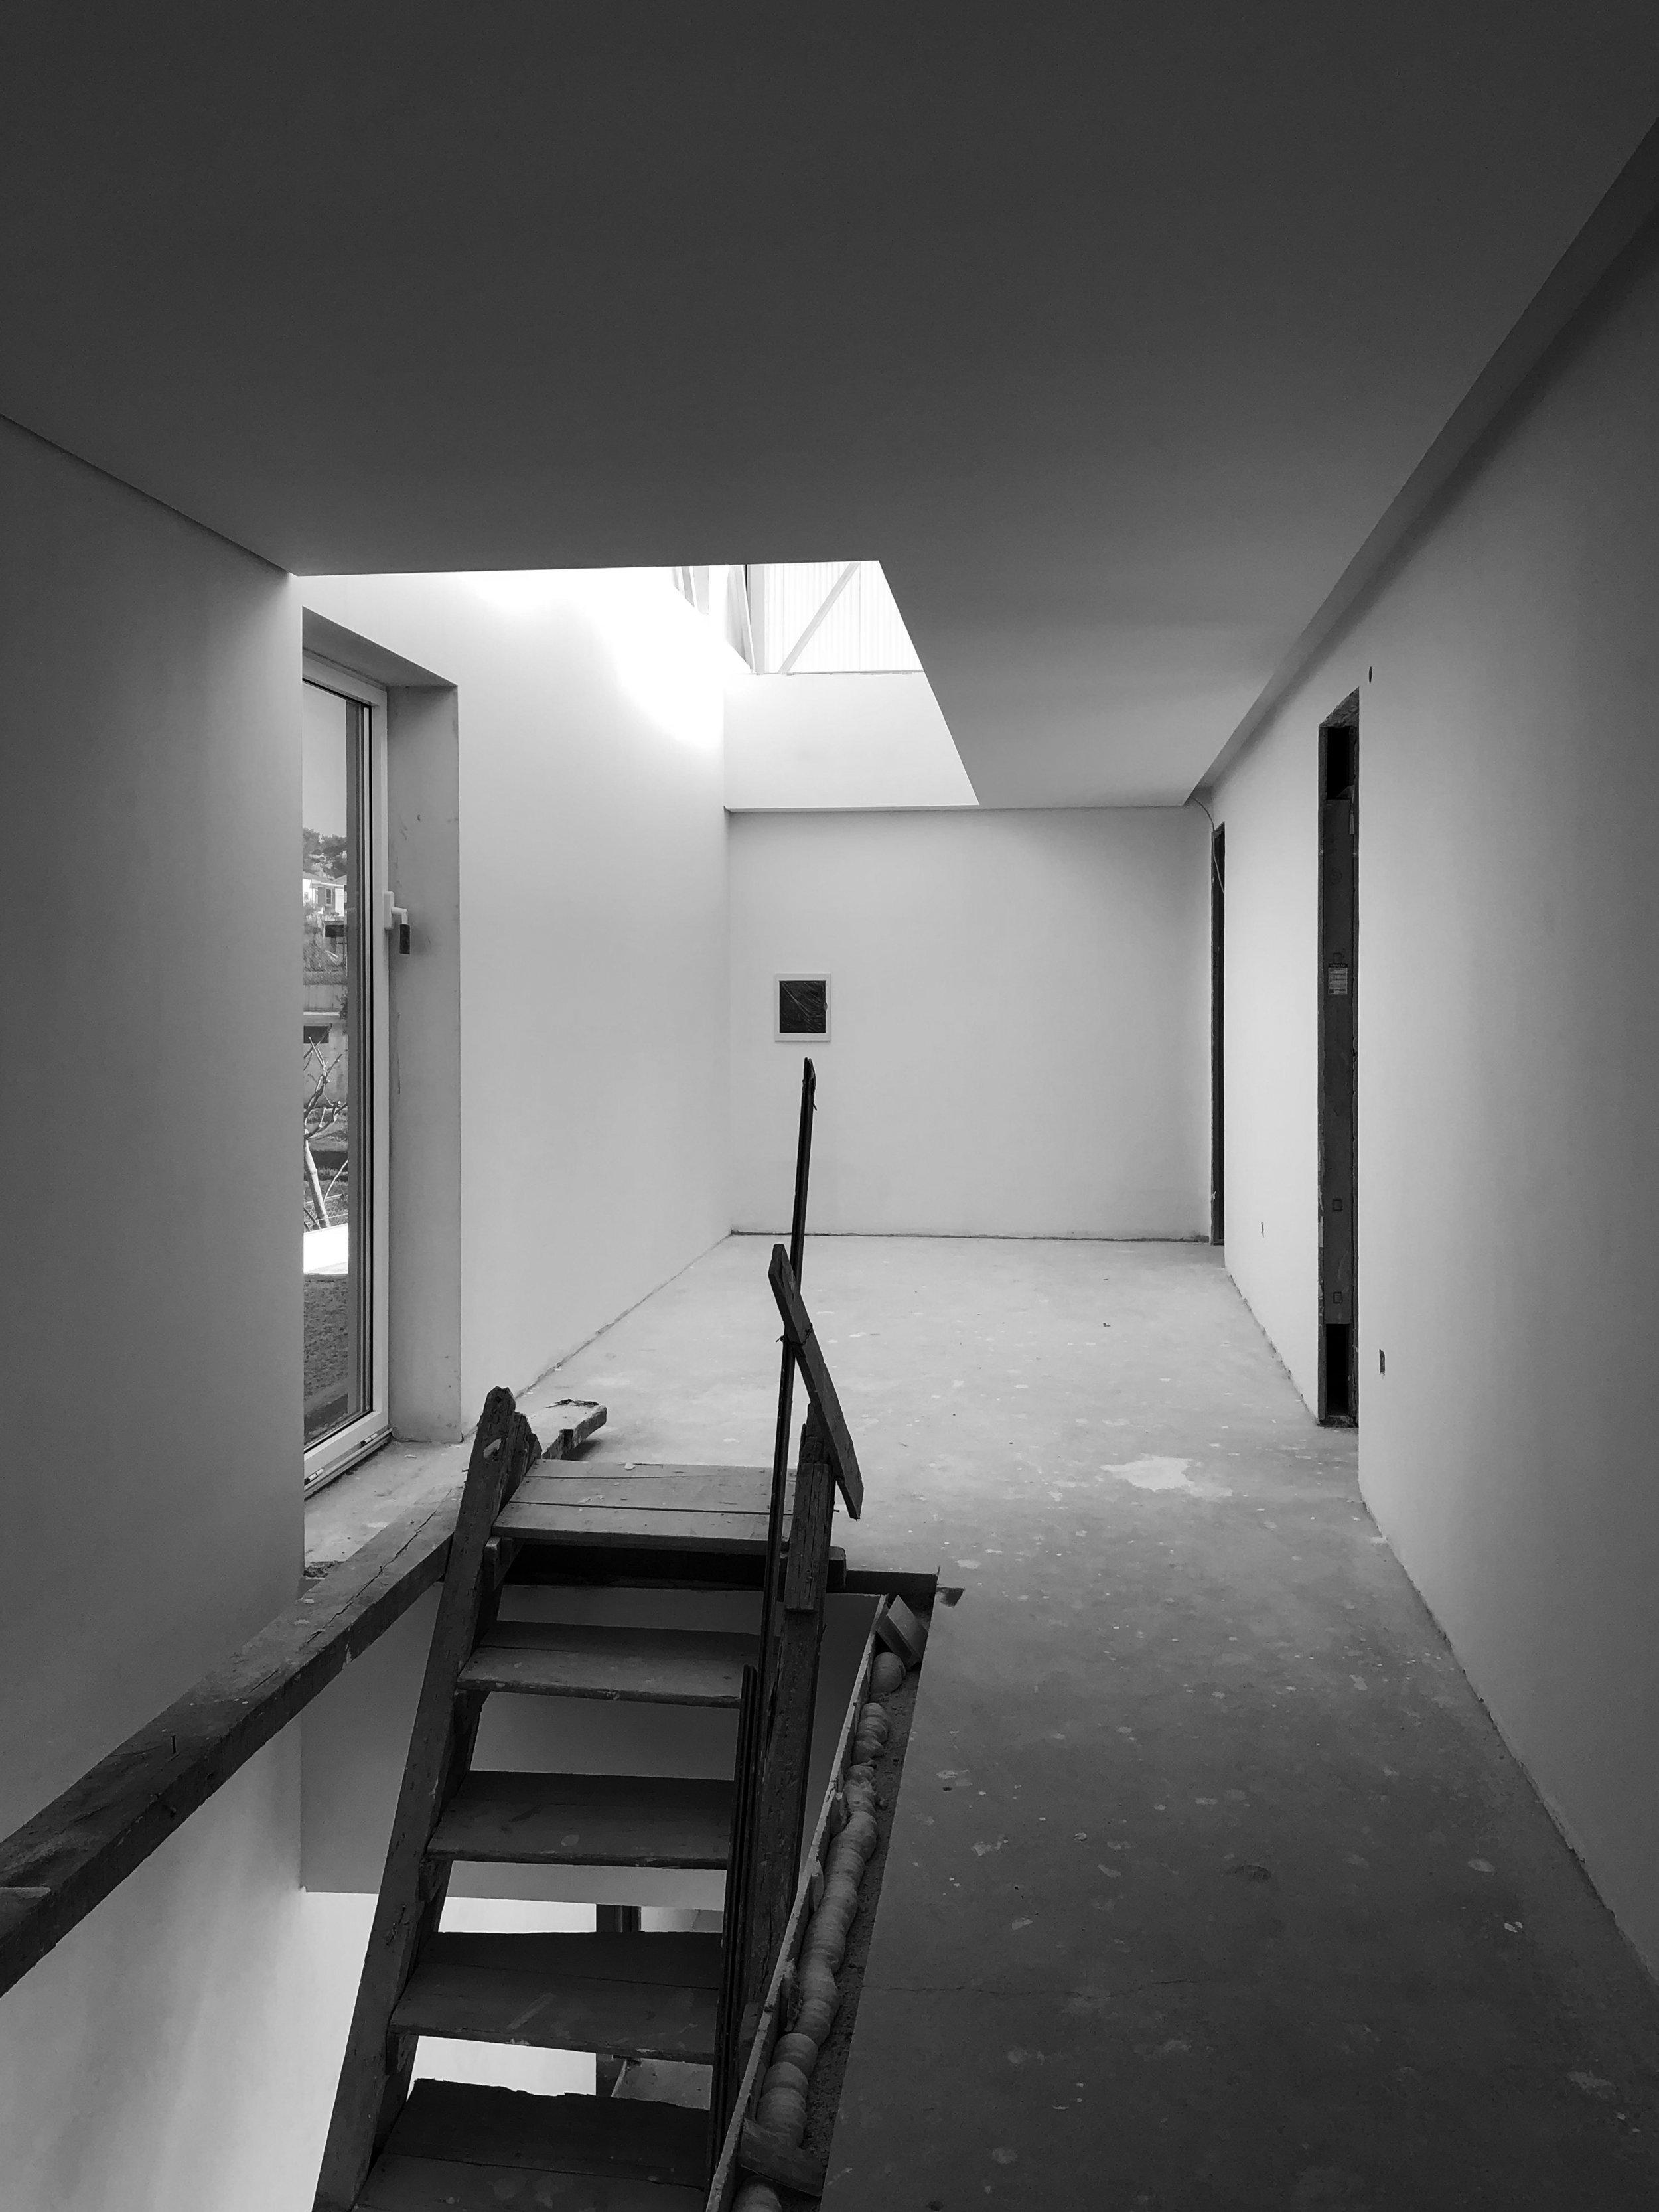 Moradia Alfazema - EVA evolutionary architecture - arquitetura - habitação - vila nova gaia  (35).jpg